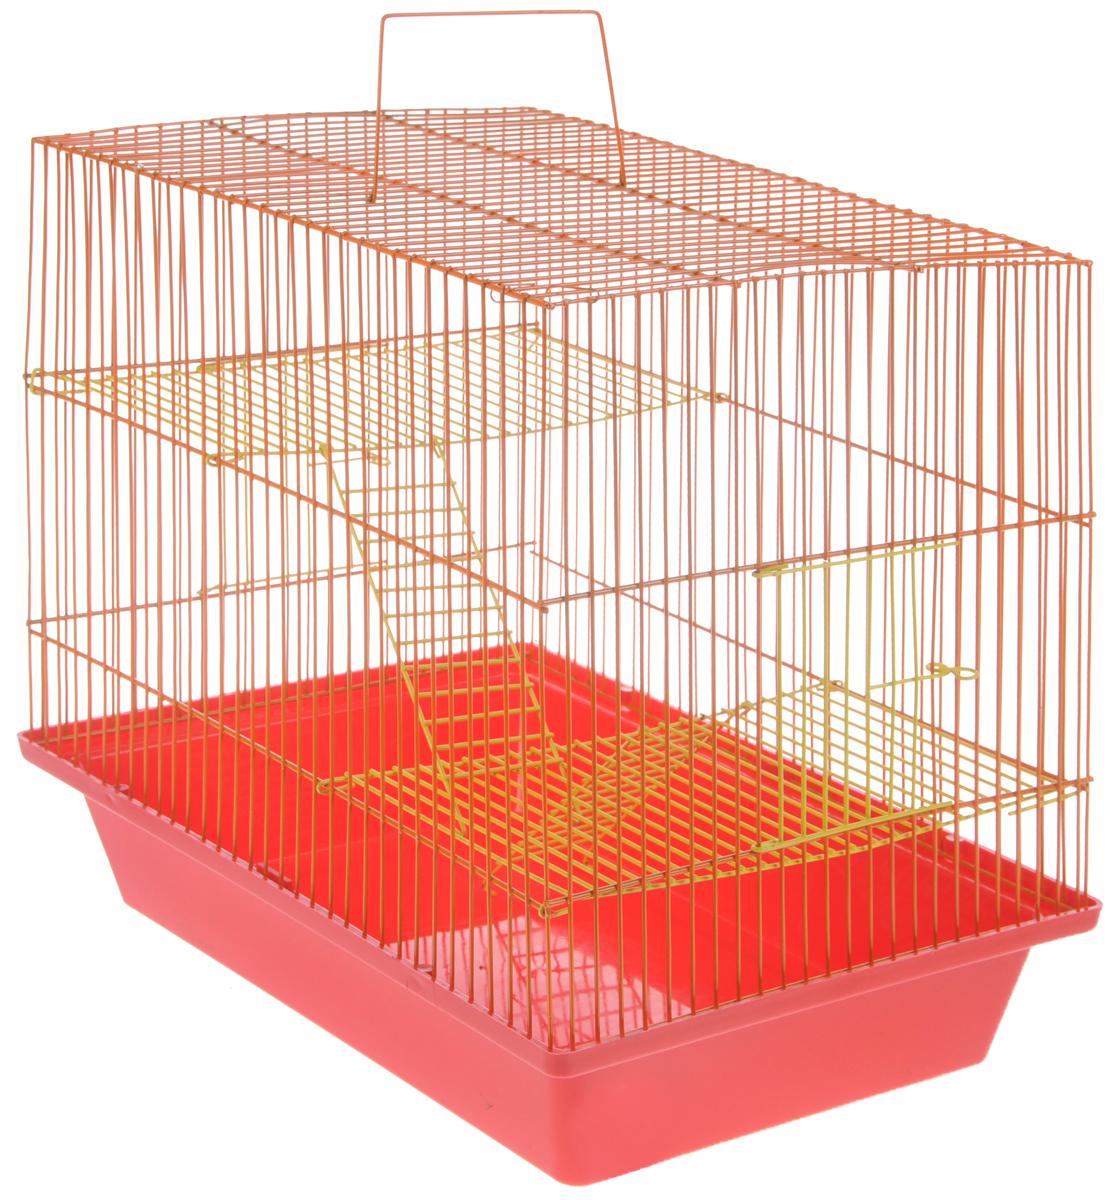 Клетка для грызунов ЗооМарк Гризли, 3-этажная, цвет: красный поддон, оранжевый решетка, желтые этажи, 41 х 30 х 36 см. 230ж клетка для грызунов зоомарк гризли 4 этажная цвет красный поддон синяя решетка красные этажи 41 х 30 х 50 см